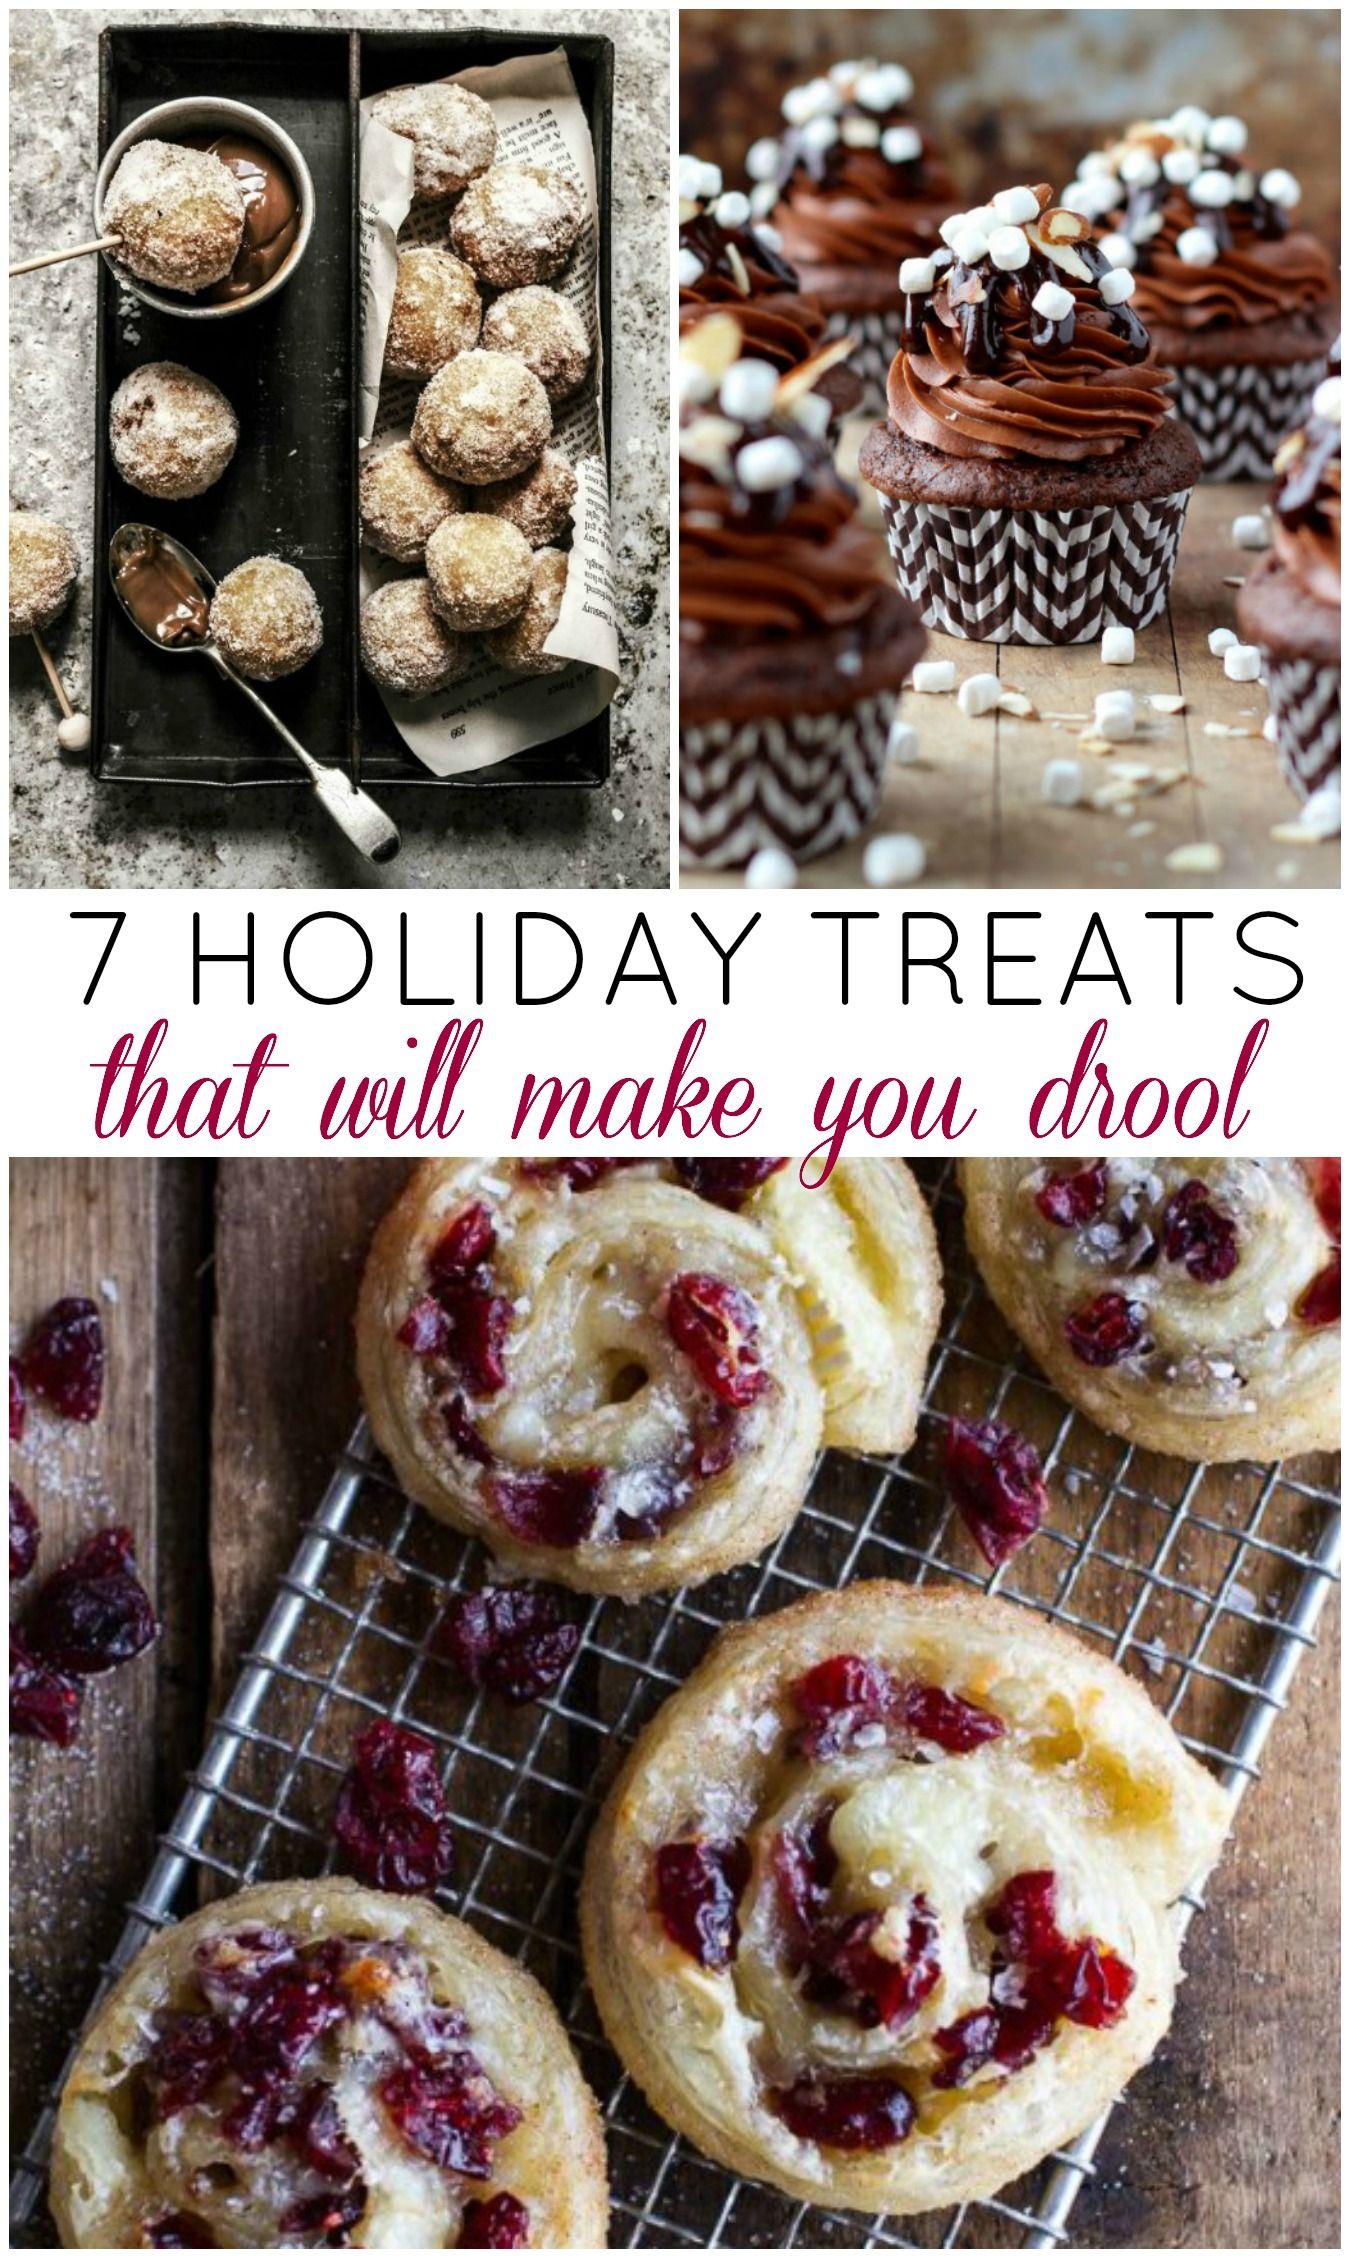 7 Yummy Holiday Treats to Make This Year - Recipes | Blogger Recipes ...